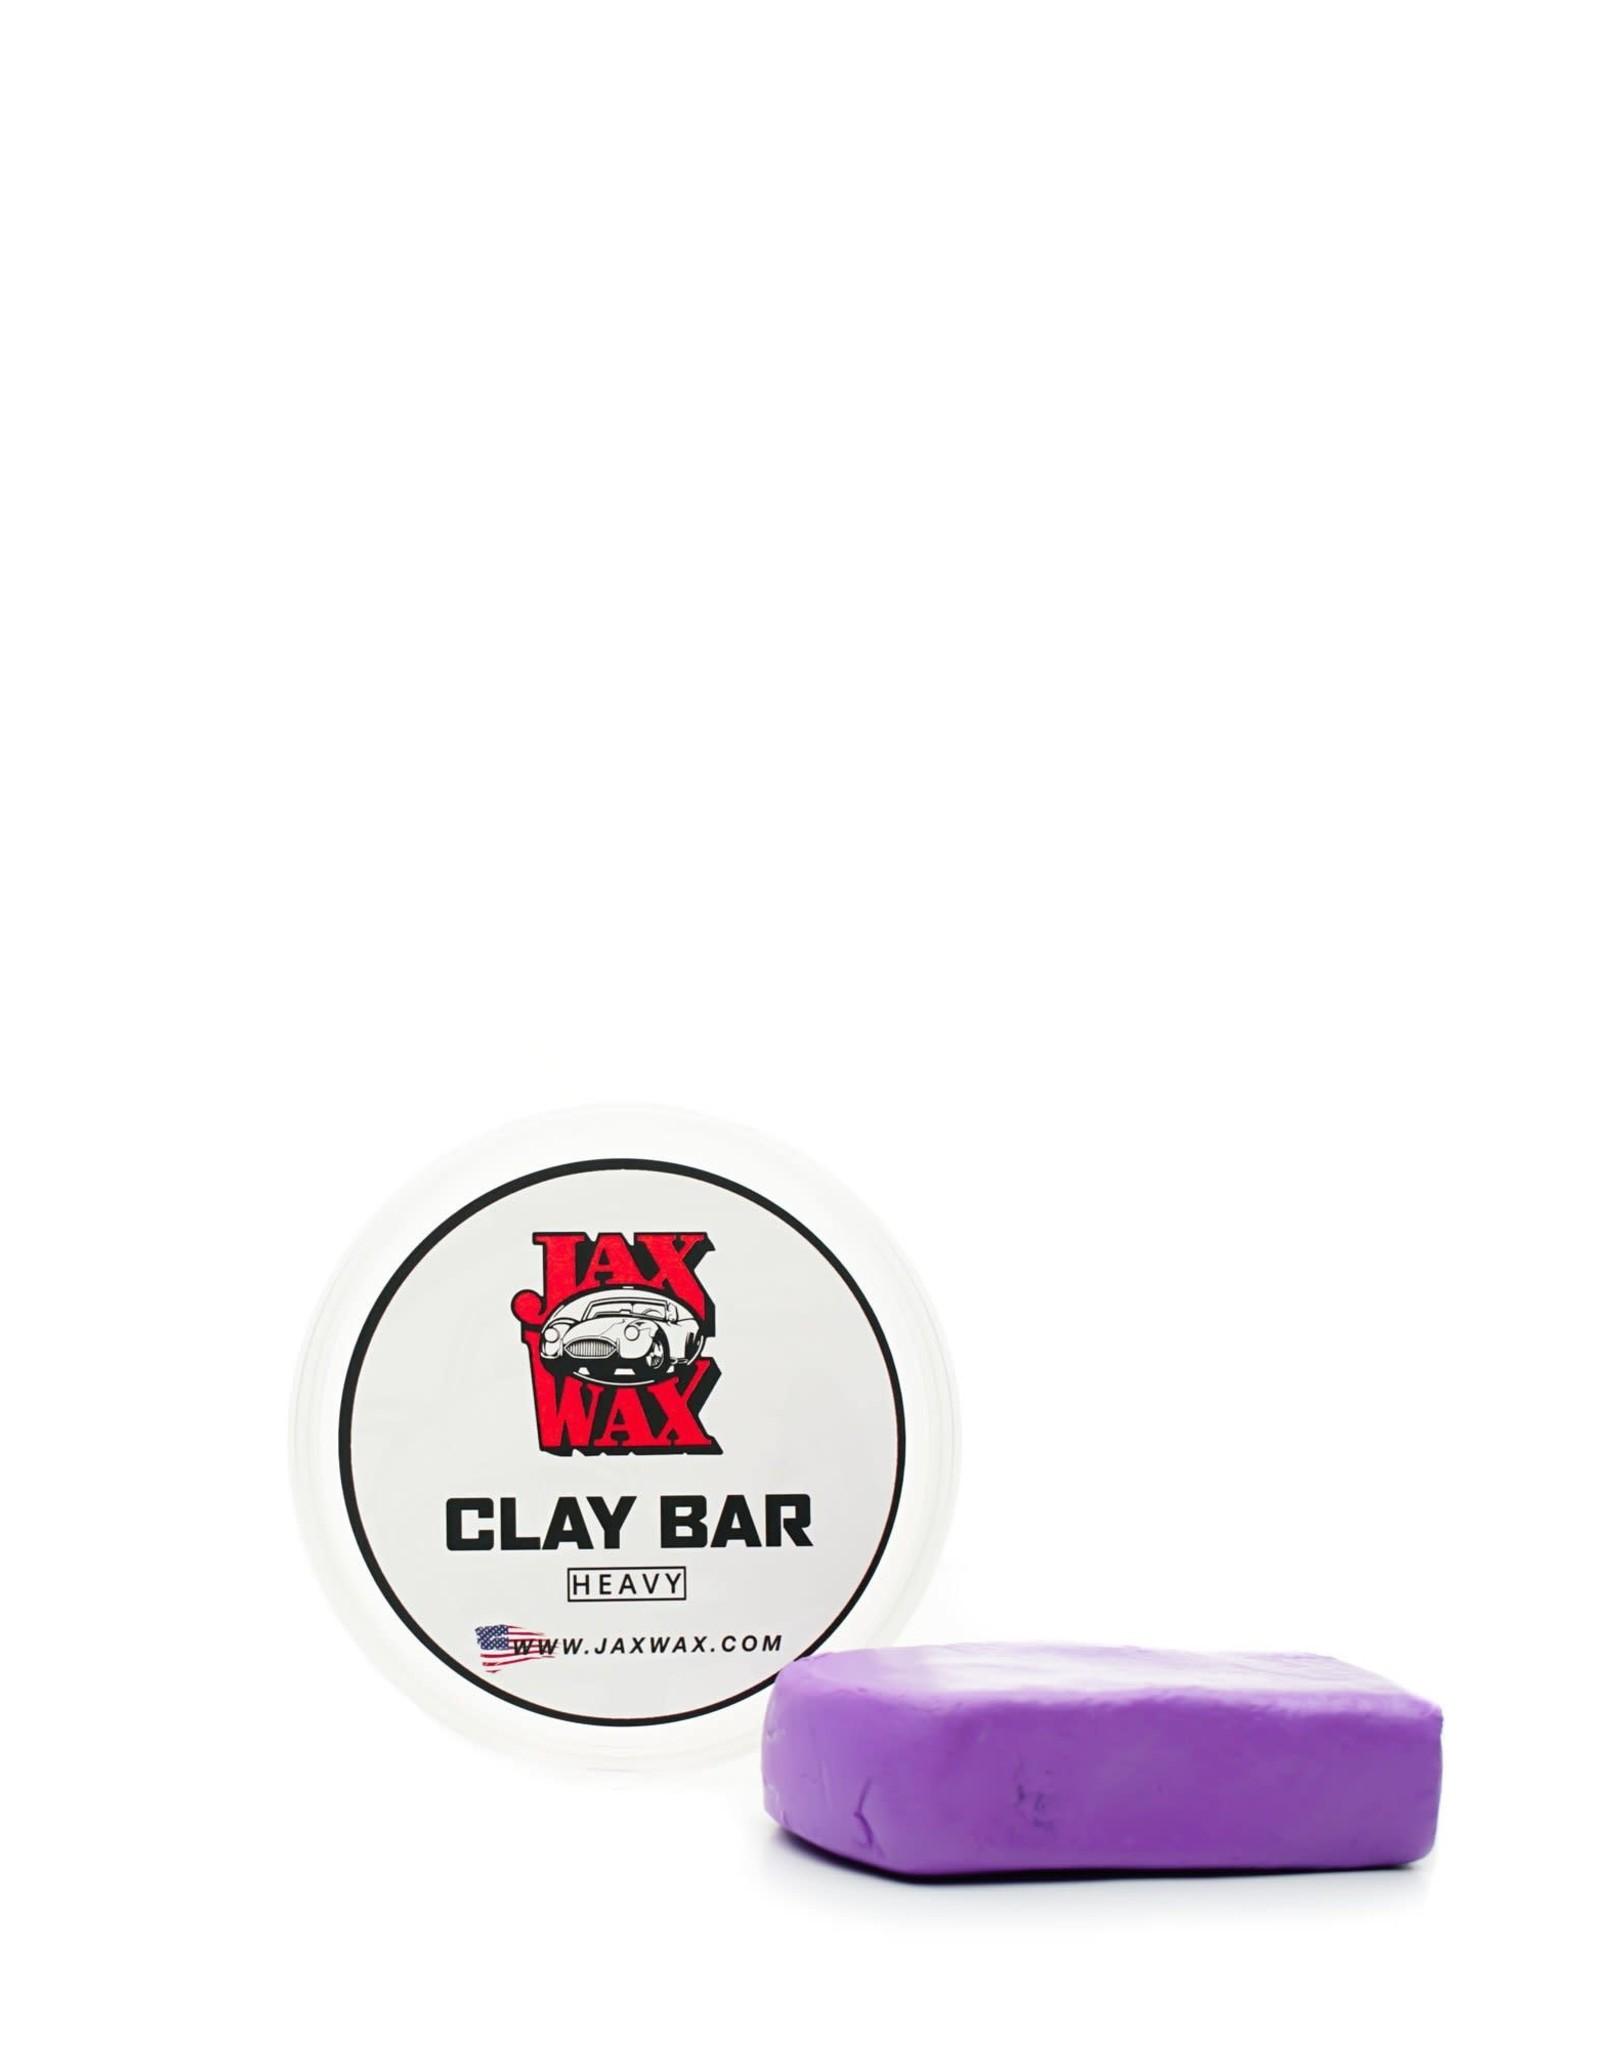 Clay Bar Heavy